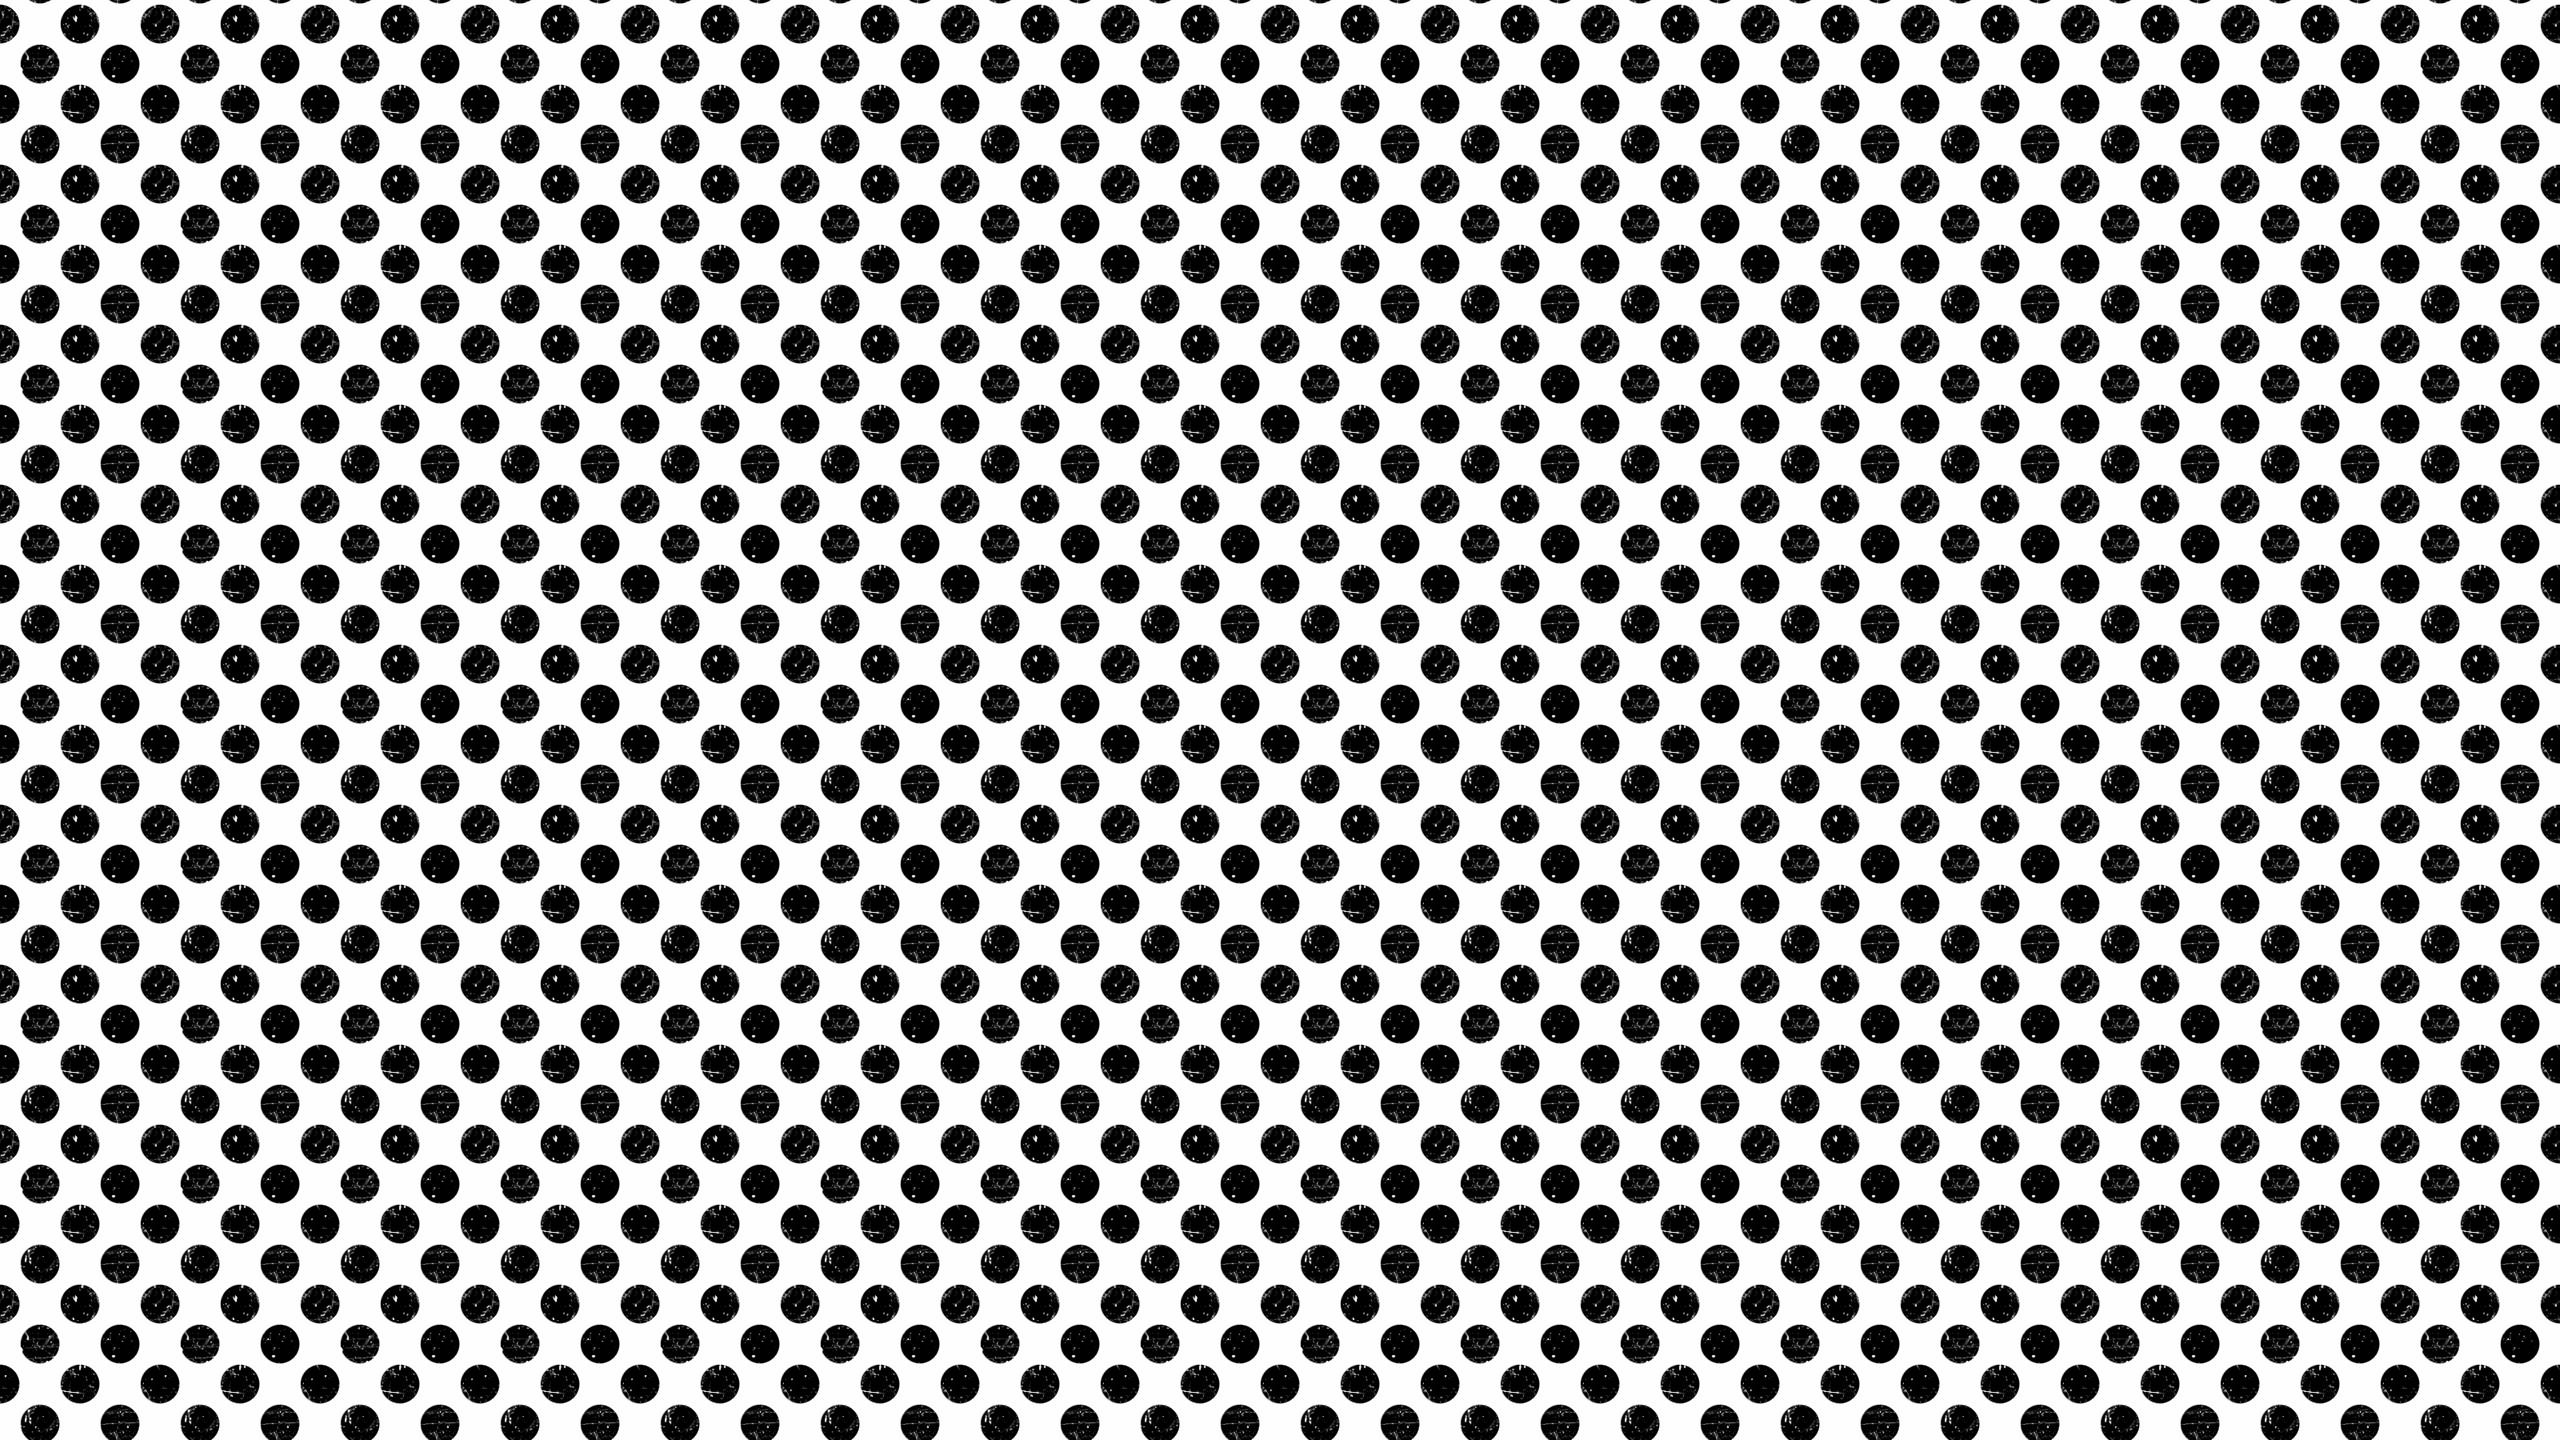 000000_trance-polka-dots.png